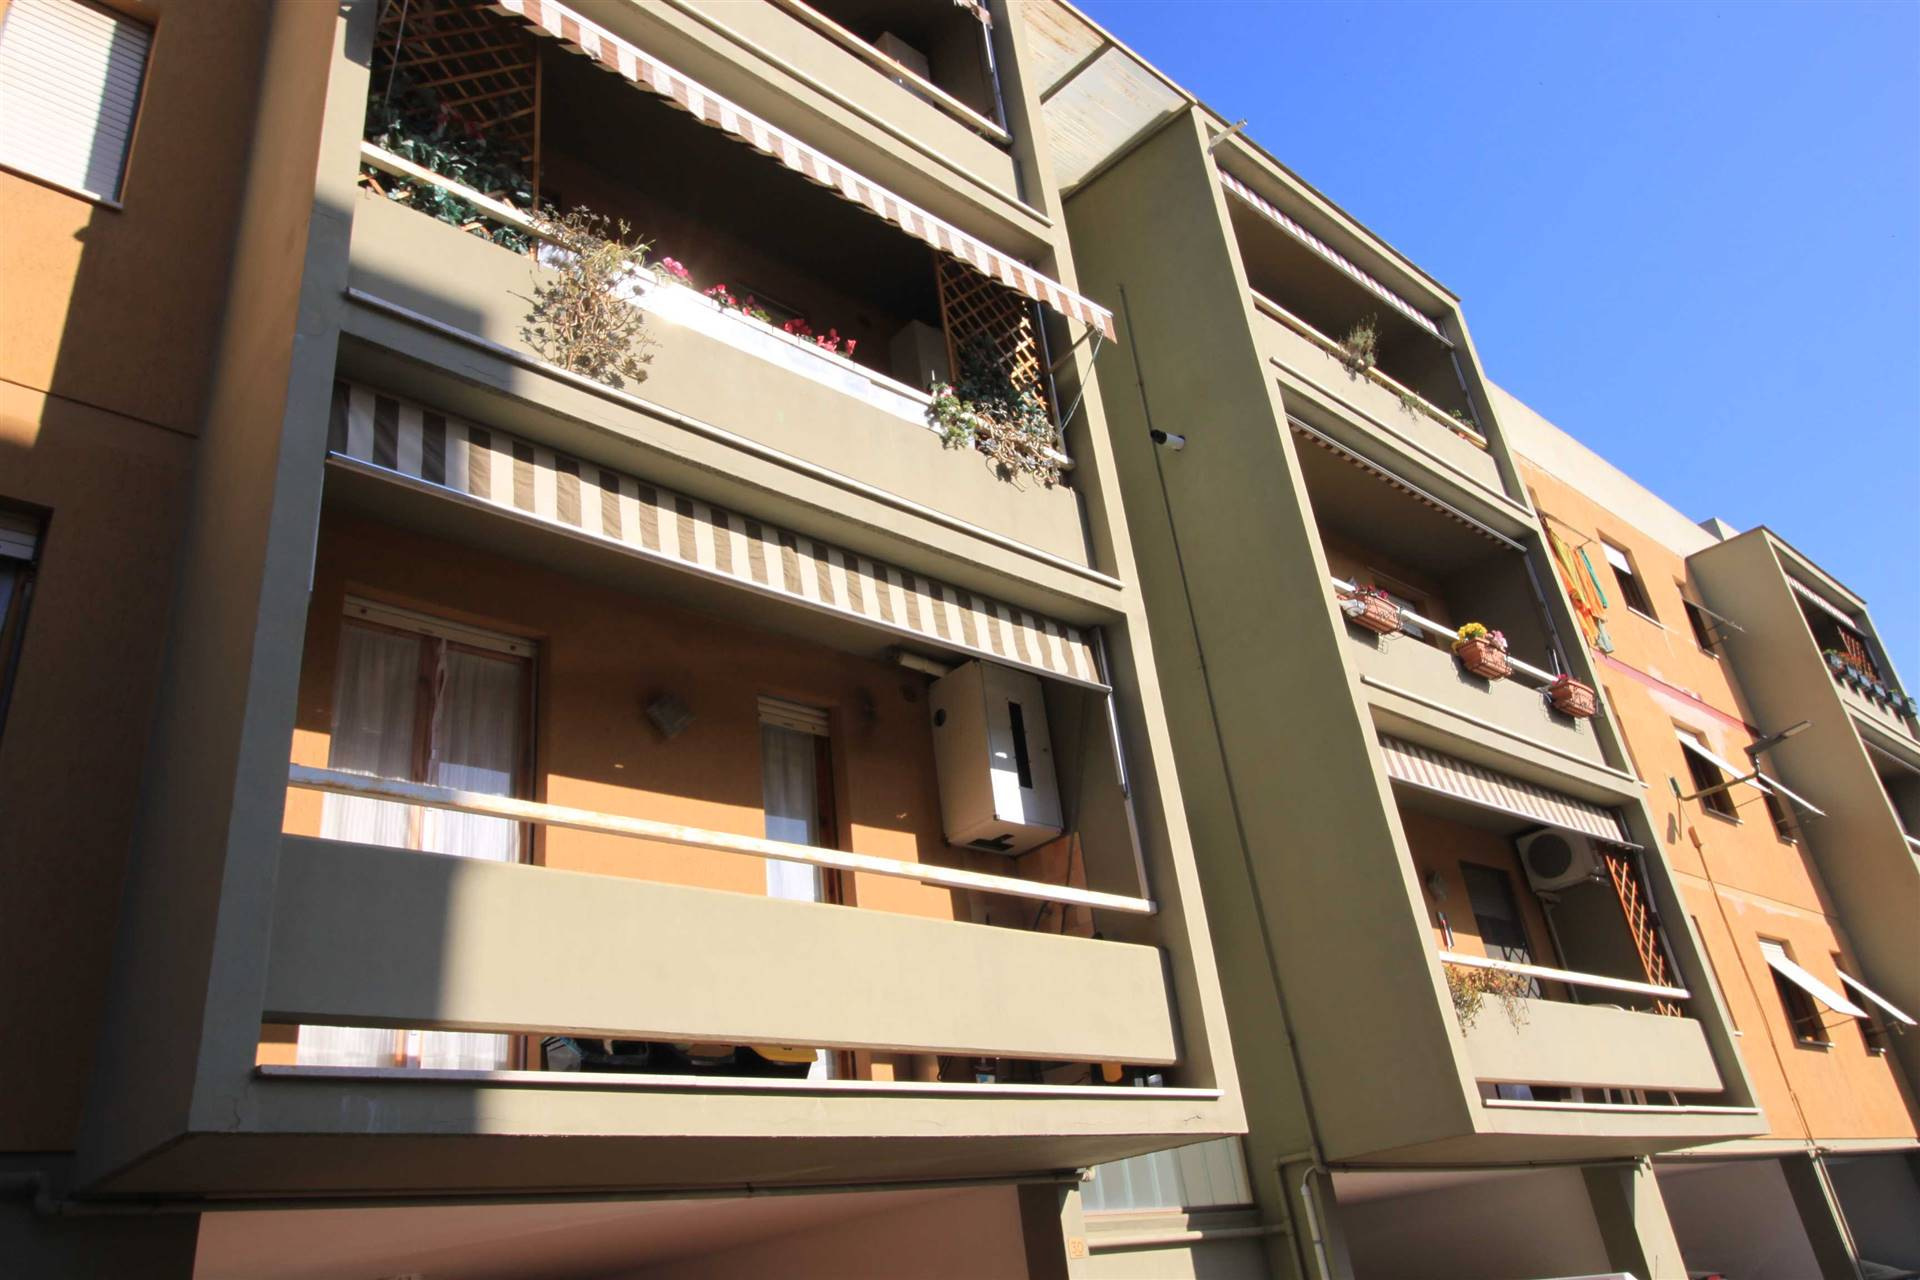 Zona OSPEDALE - Via Jugoslavia 30 Piccola palazzina in zona servitissima, comodo 5 vani con doppia esposizione situata al piano terzo senza ascensore,